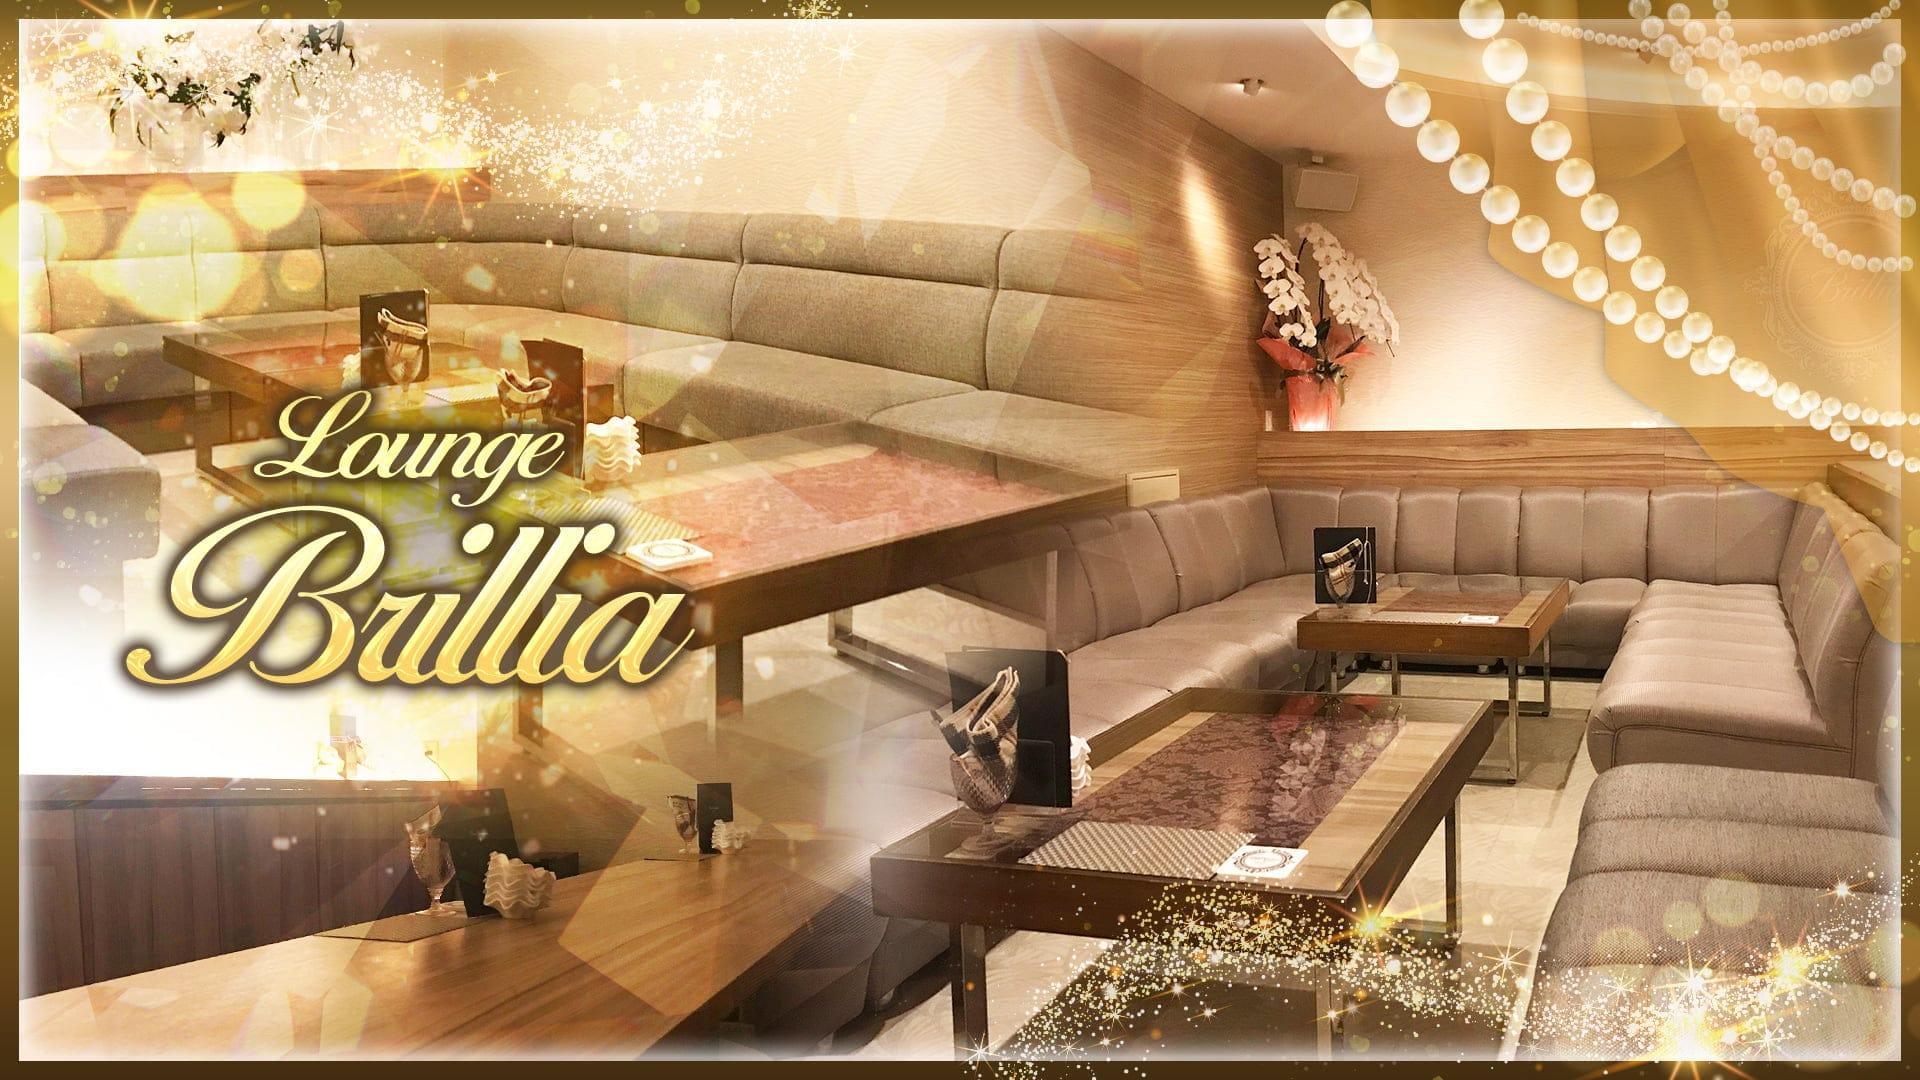 Lounge Brillia(ブリリア)【公式求人・体入情報】 浜松ラウンジ TOP画像